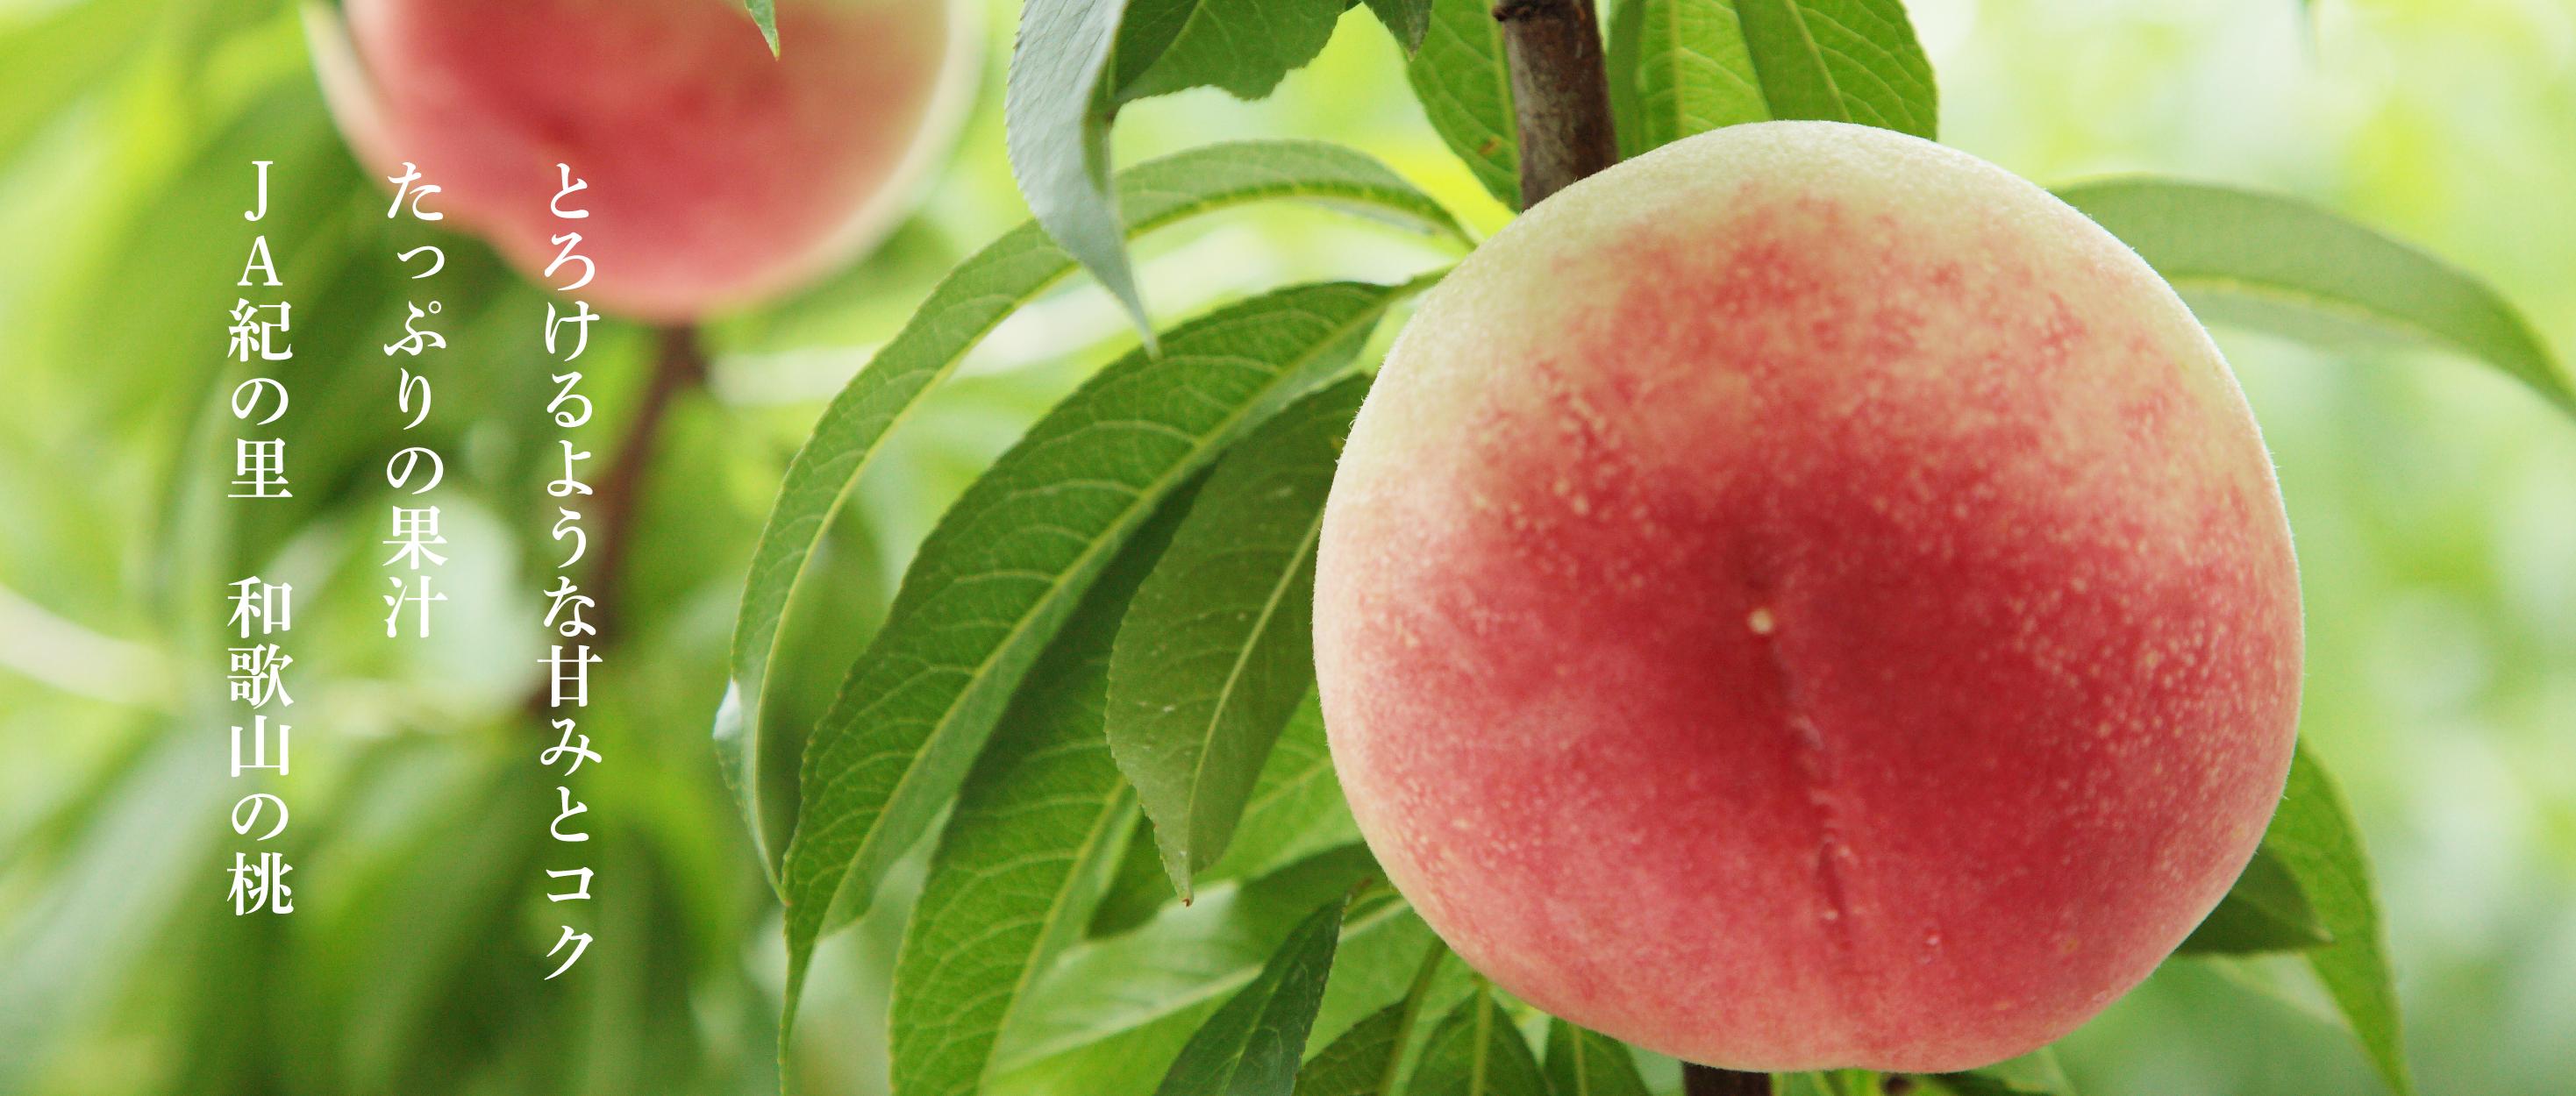 とろけるような甘みとコクたっぷりの果汁JA紀の里和歌山の桃